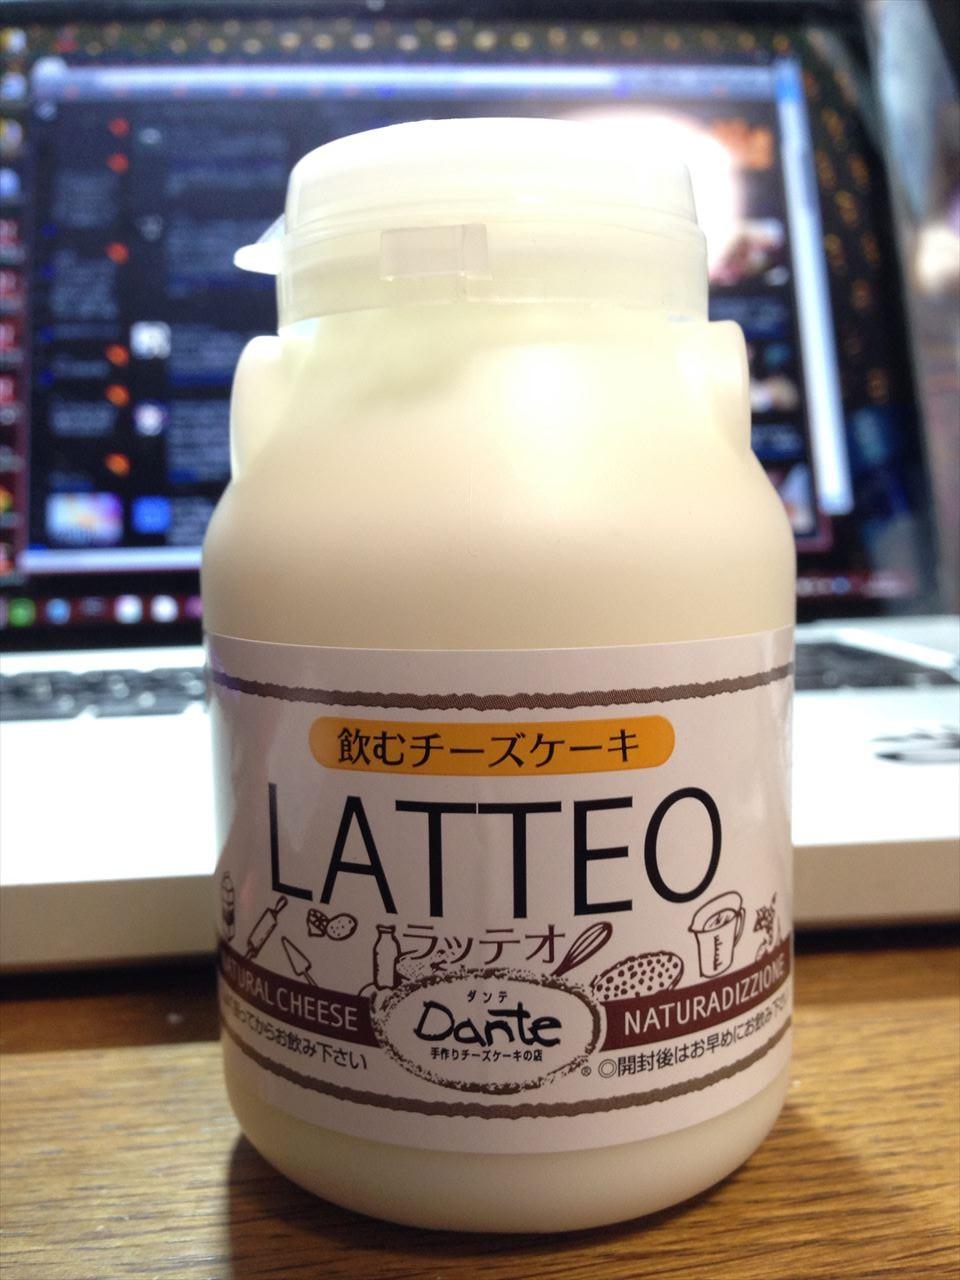 コンビニのドリンクコーナーに売っていた洋生菓子「LATTEO」は、チーズケーキ風味の飲むヨーグルトだ